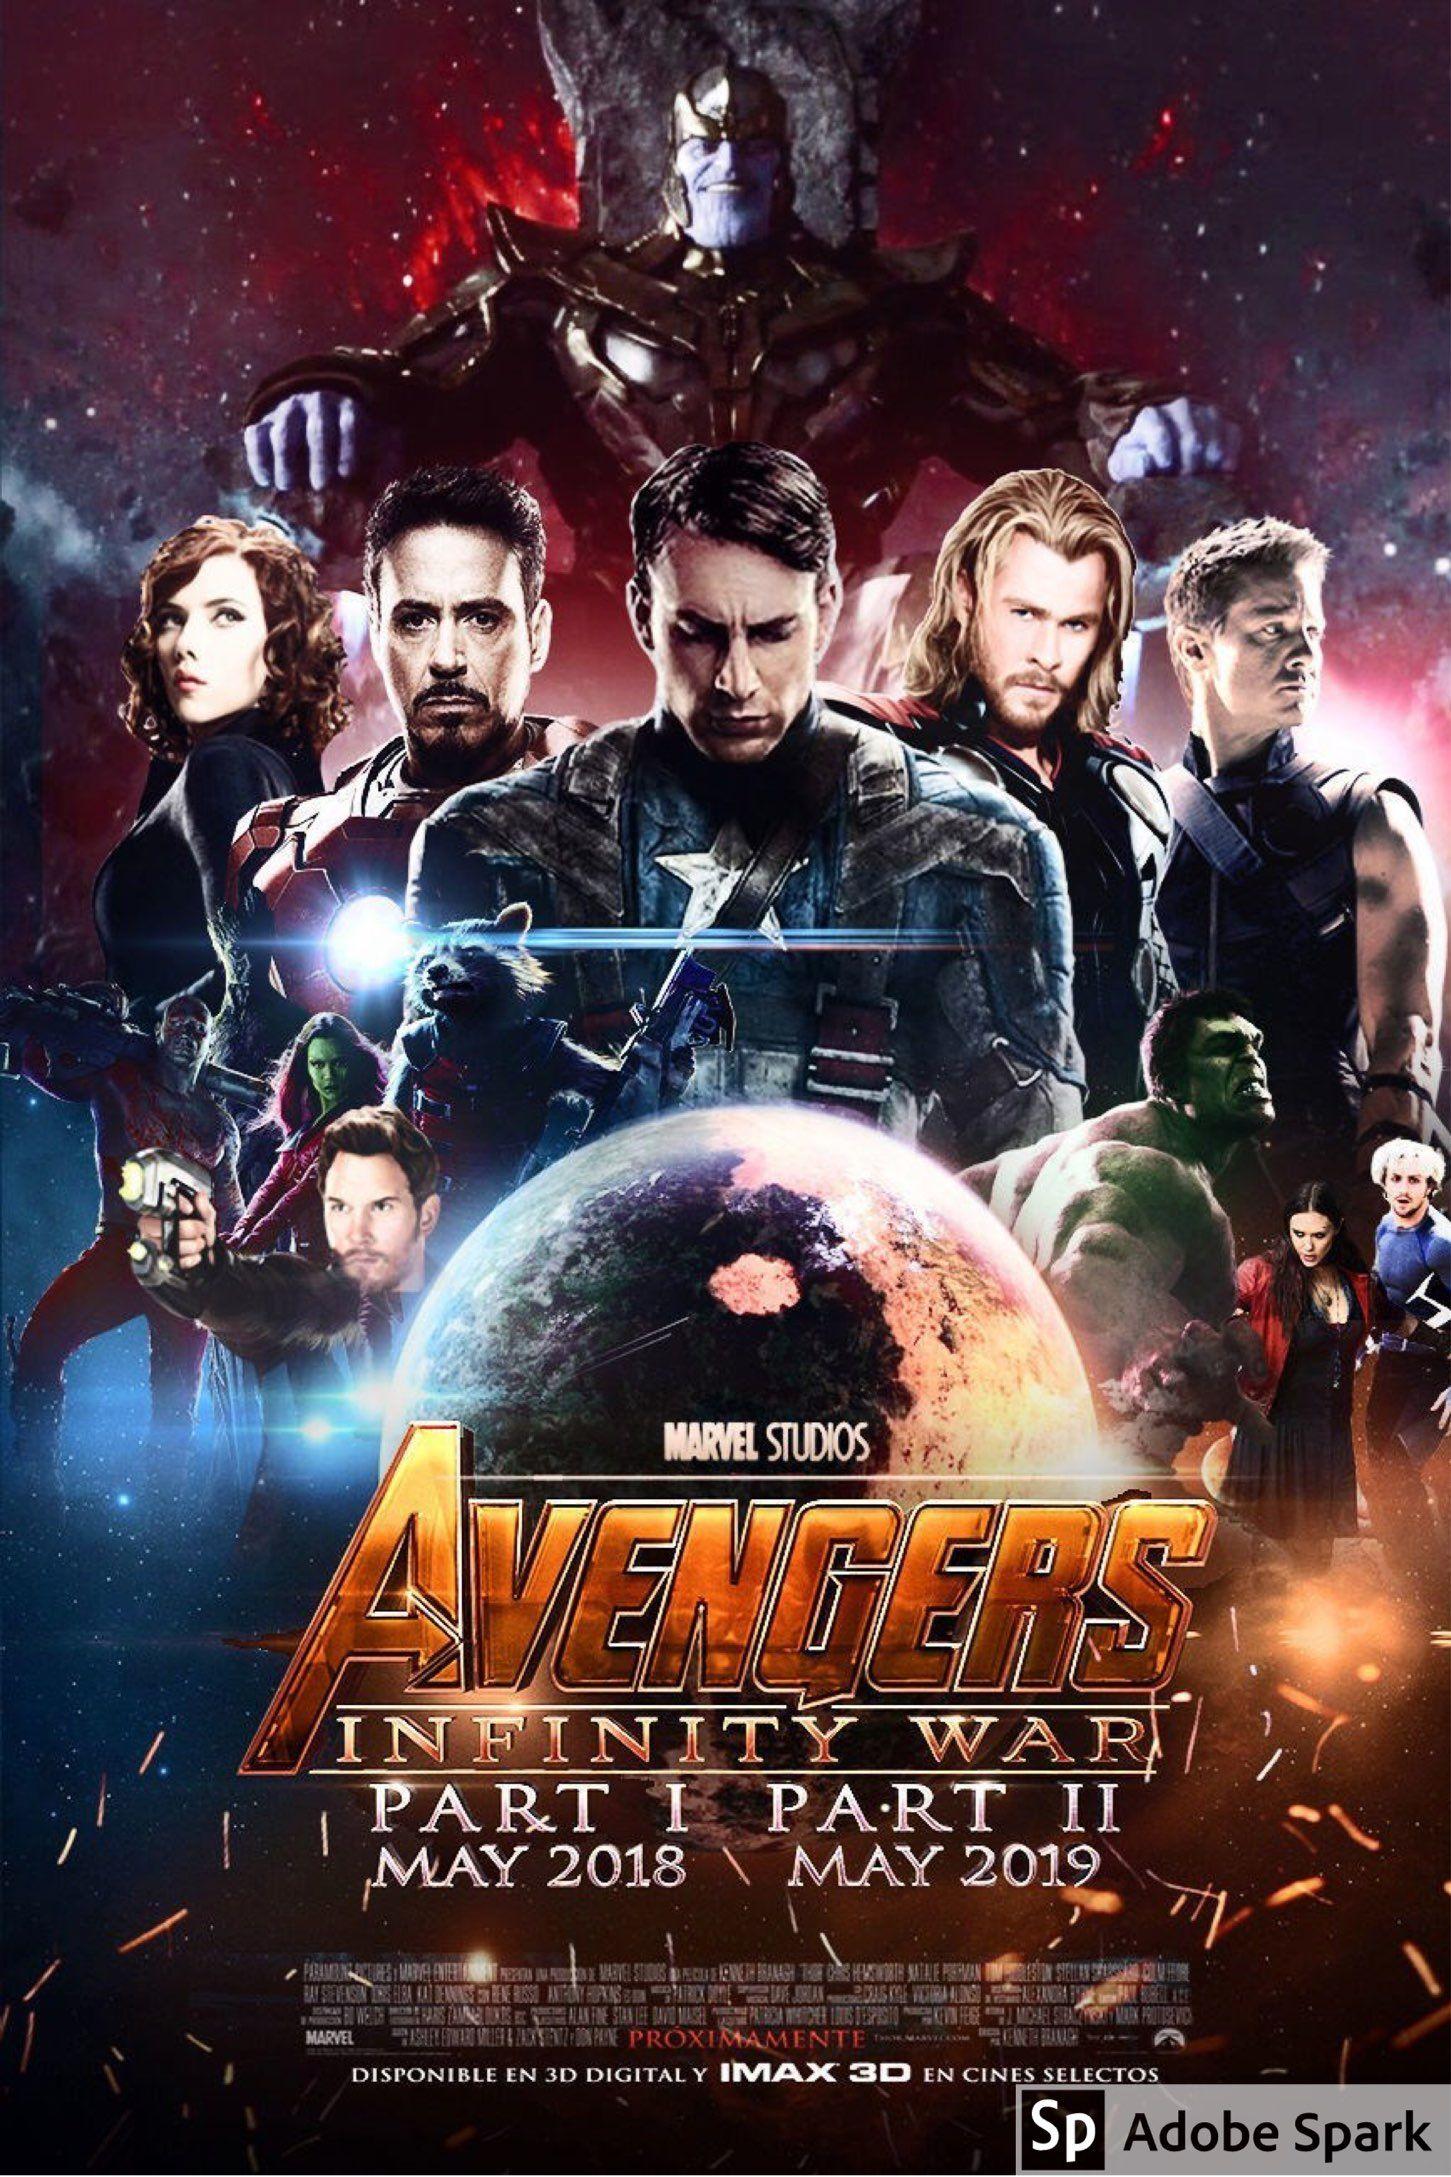 Avengers Infinity War Vf Streaming : avengers, infinity, streaming, Avengers:, Infinity, Preview, Avengers